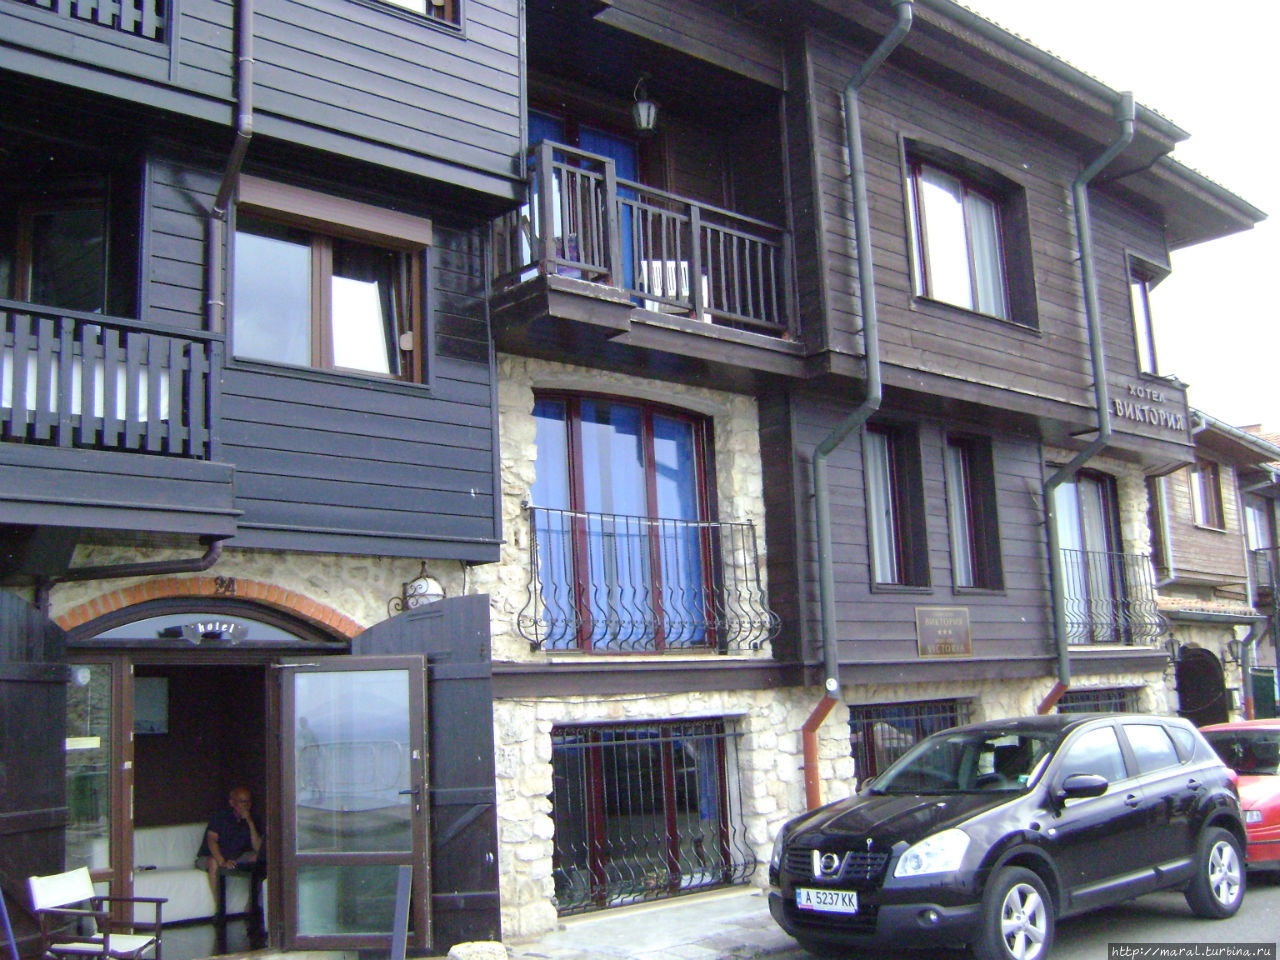 Во многих домах — новоделах располагаются гостиницы